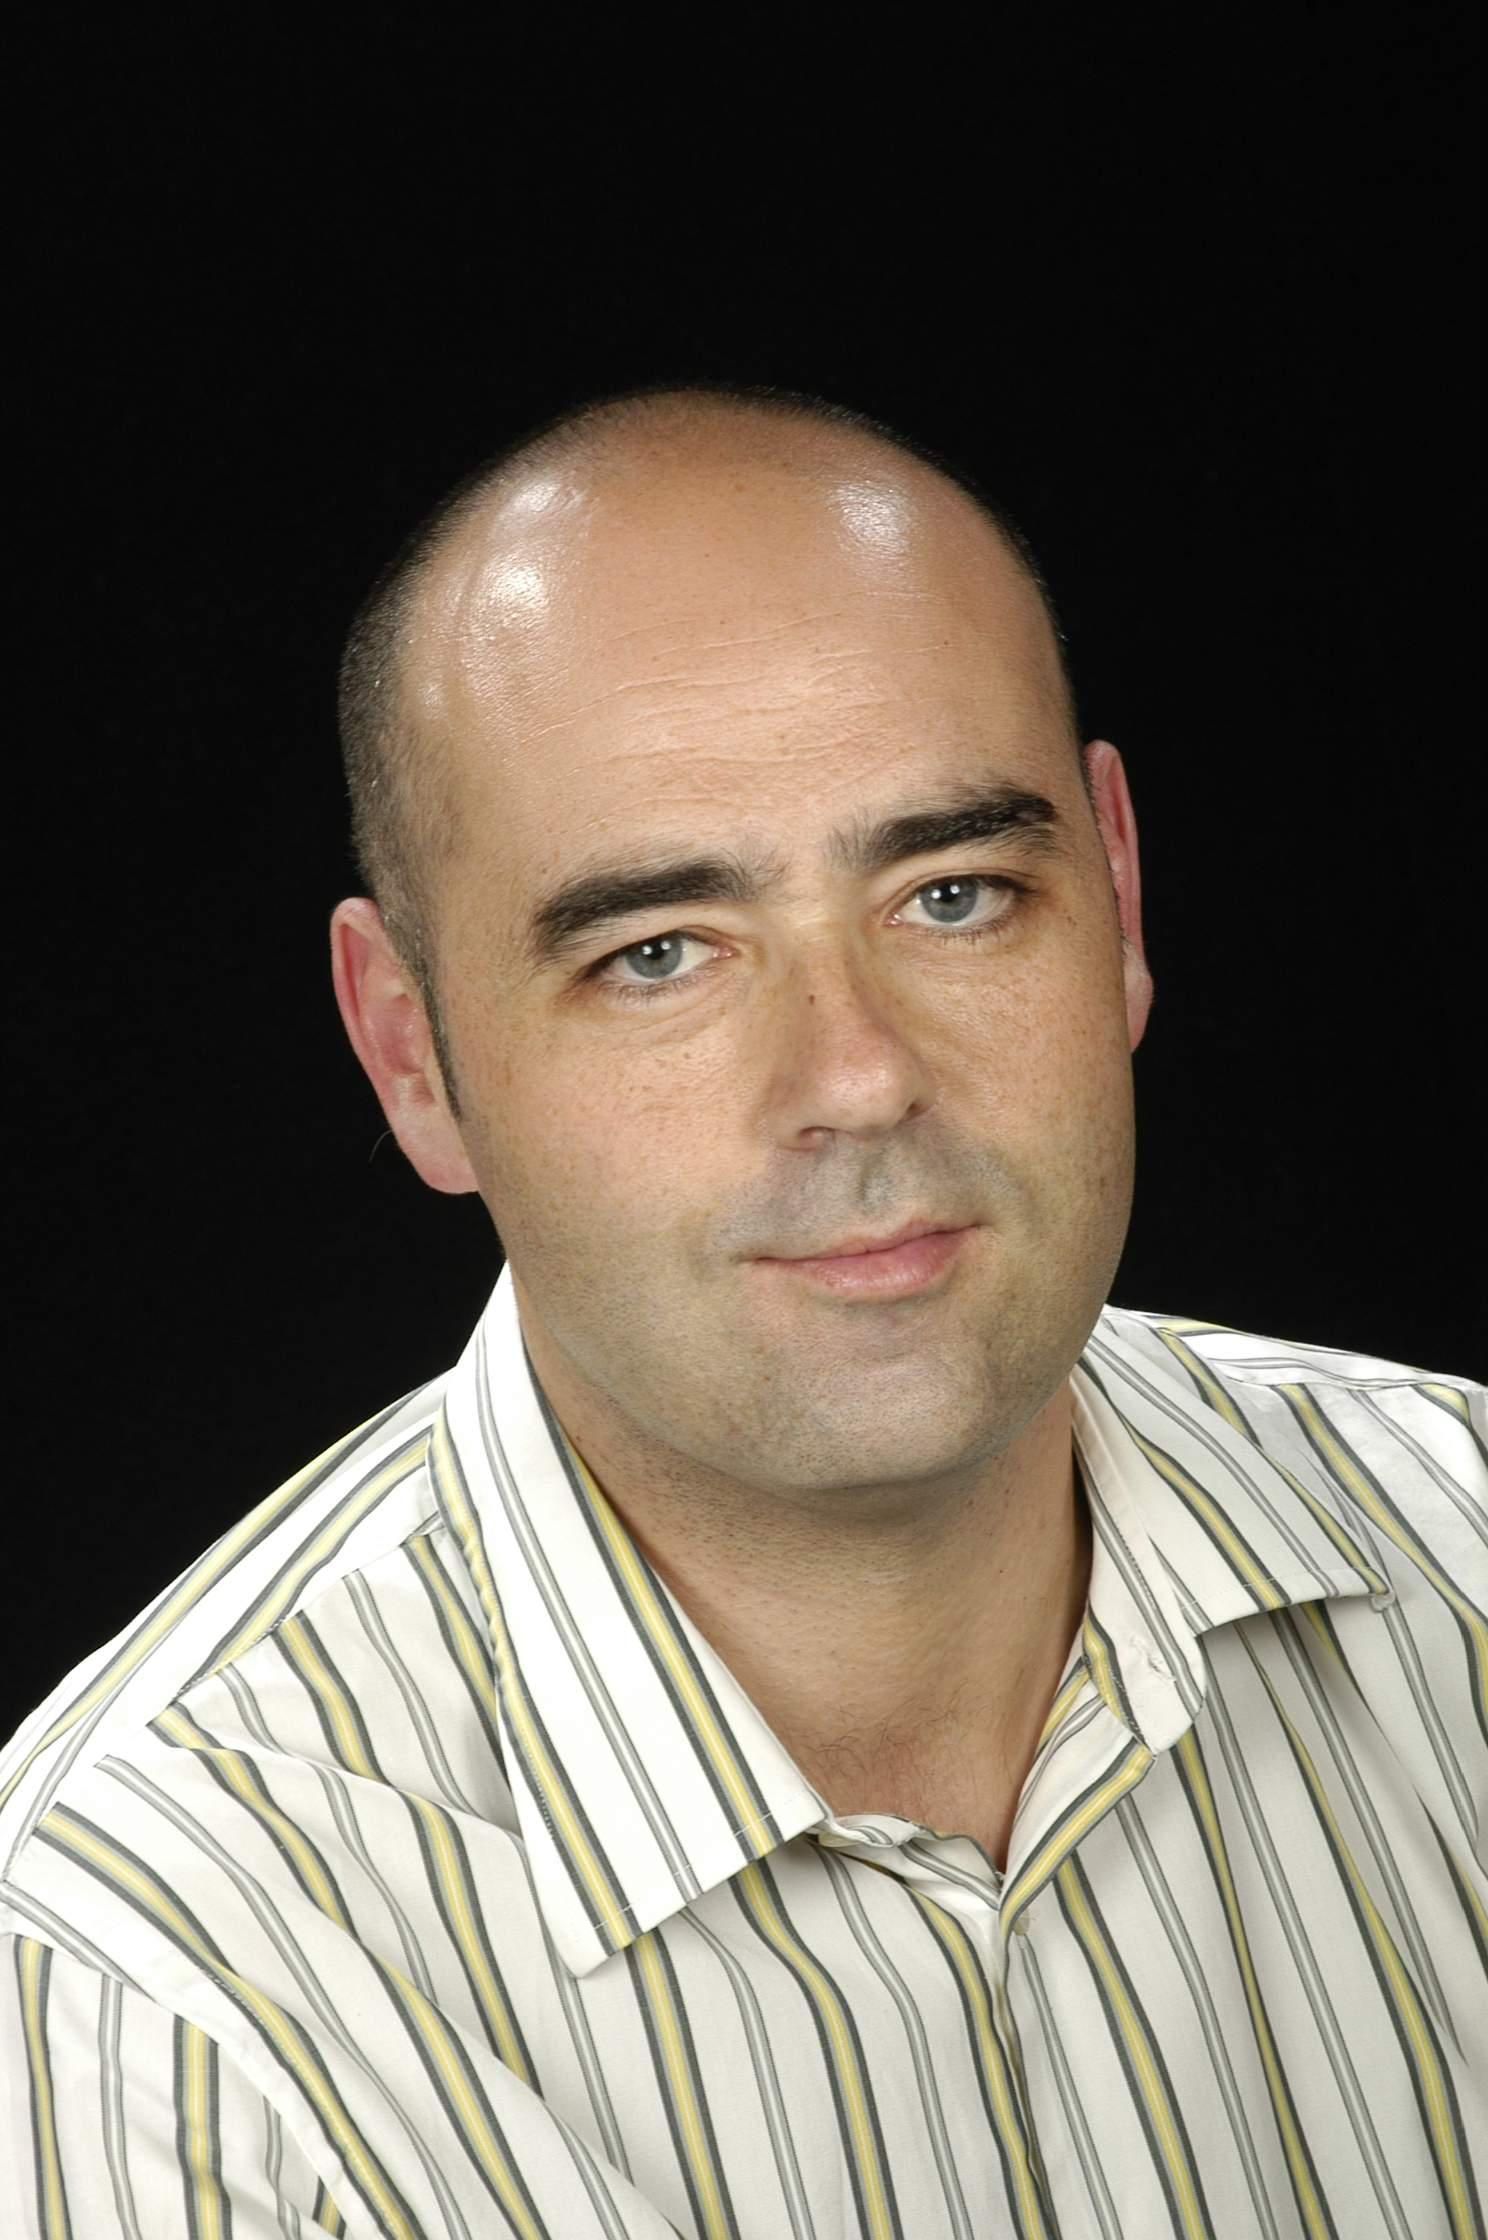 Sr. Miguel Reyes Reyes